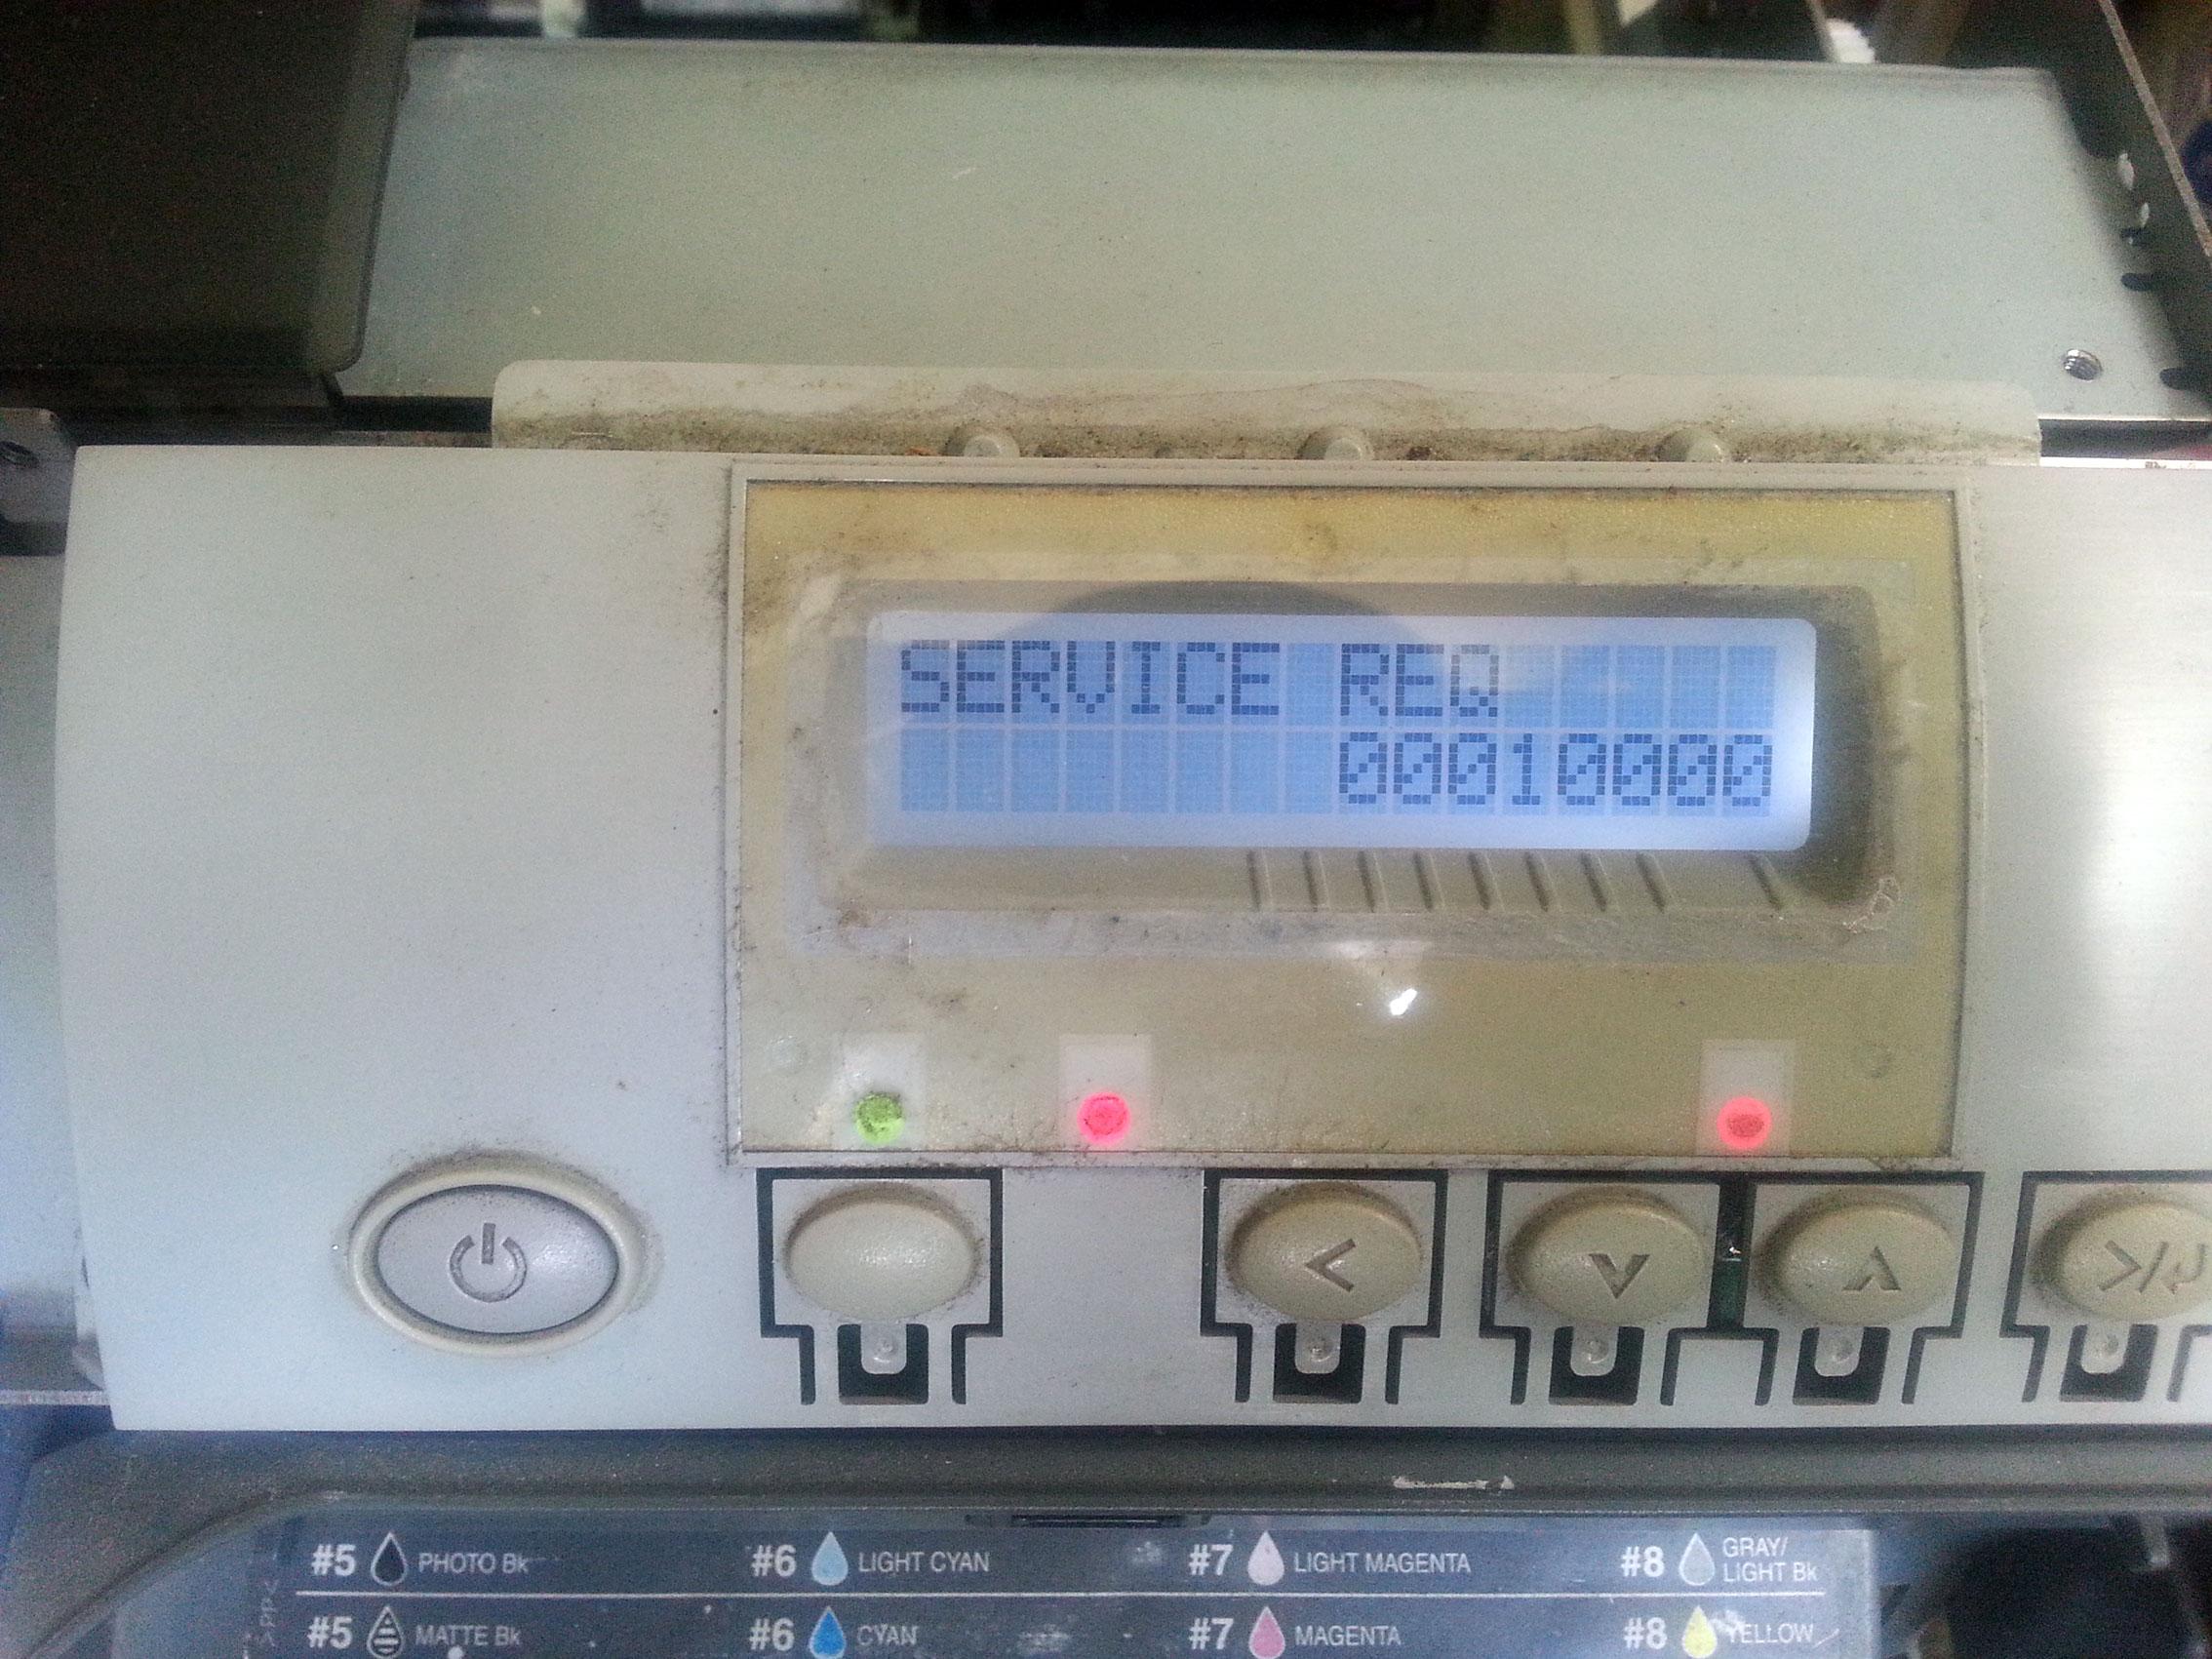 001 SERVICE REQ 10000